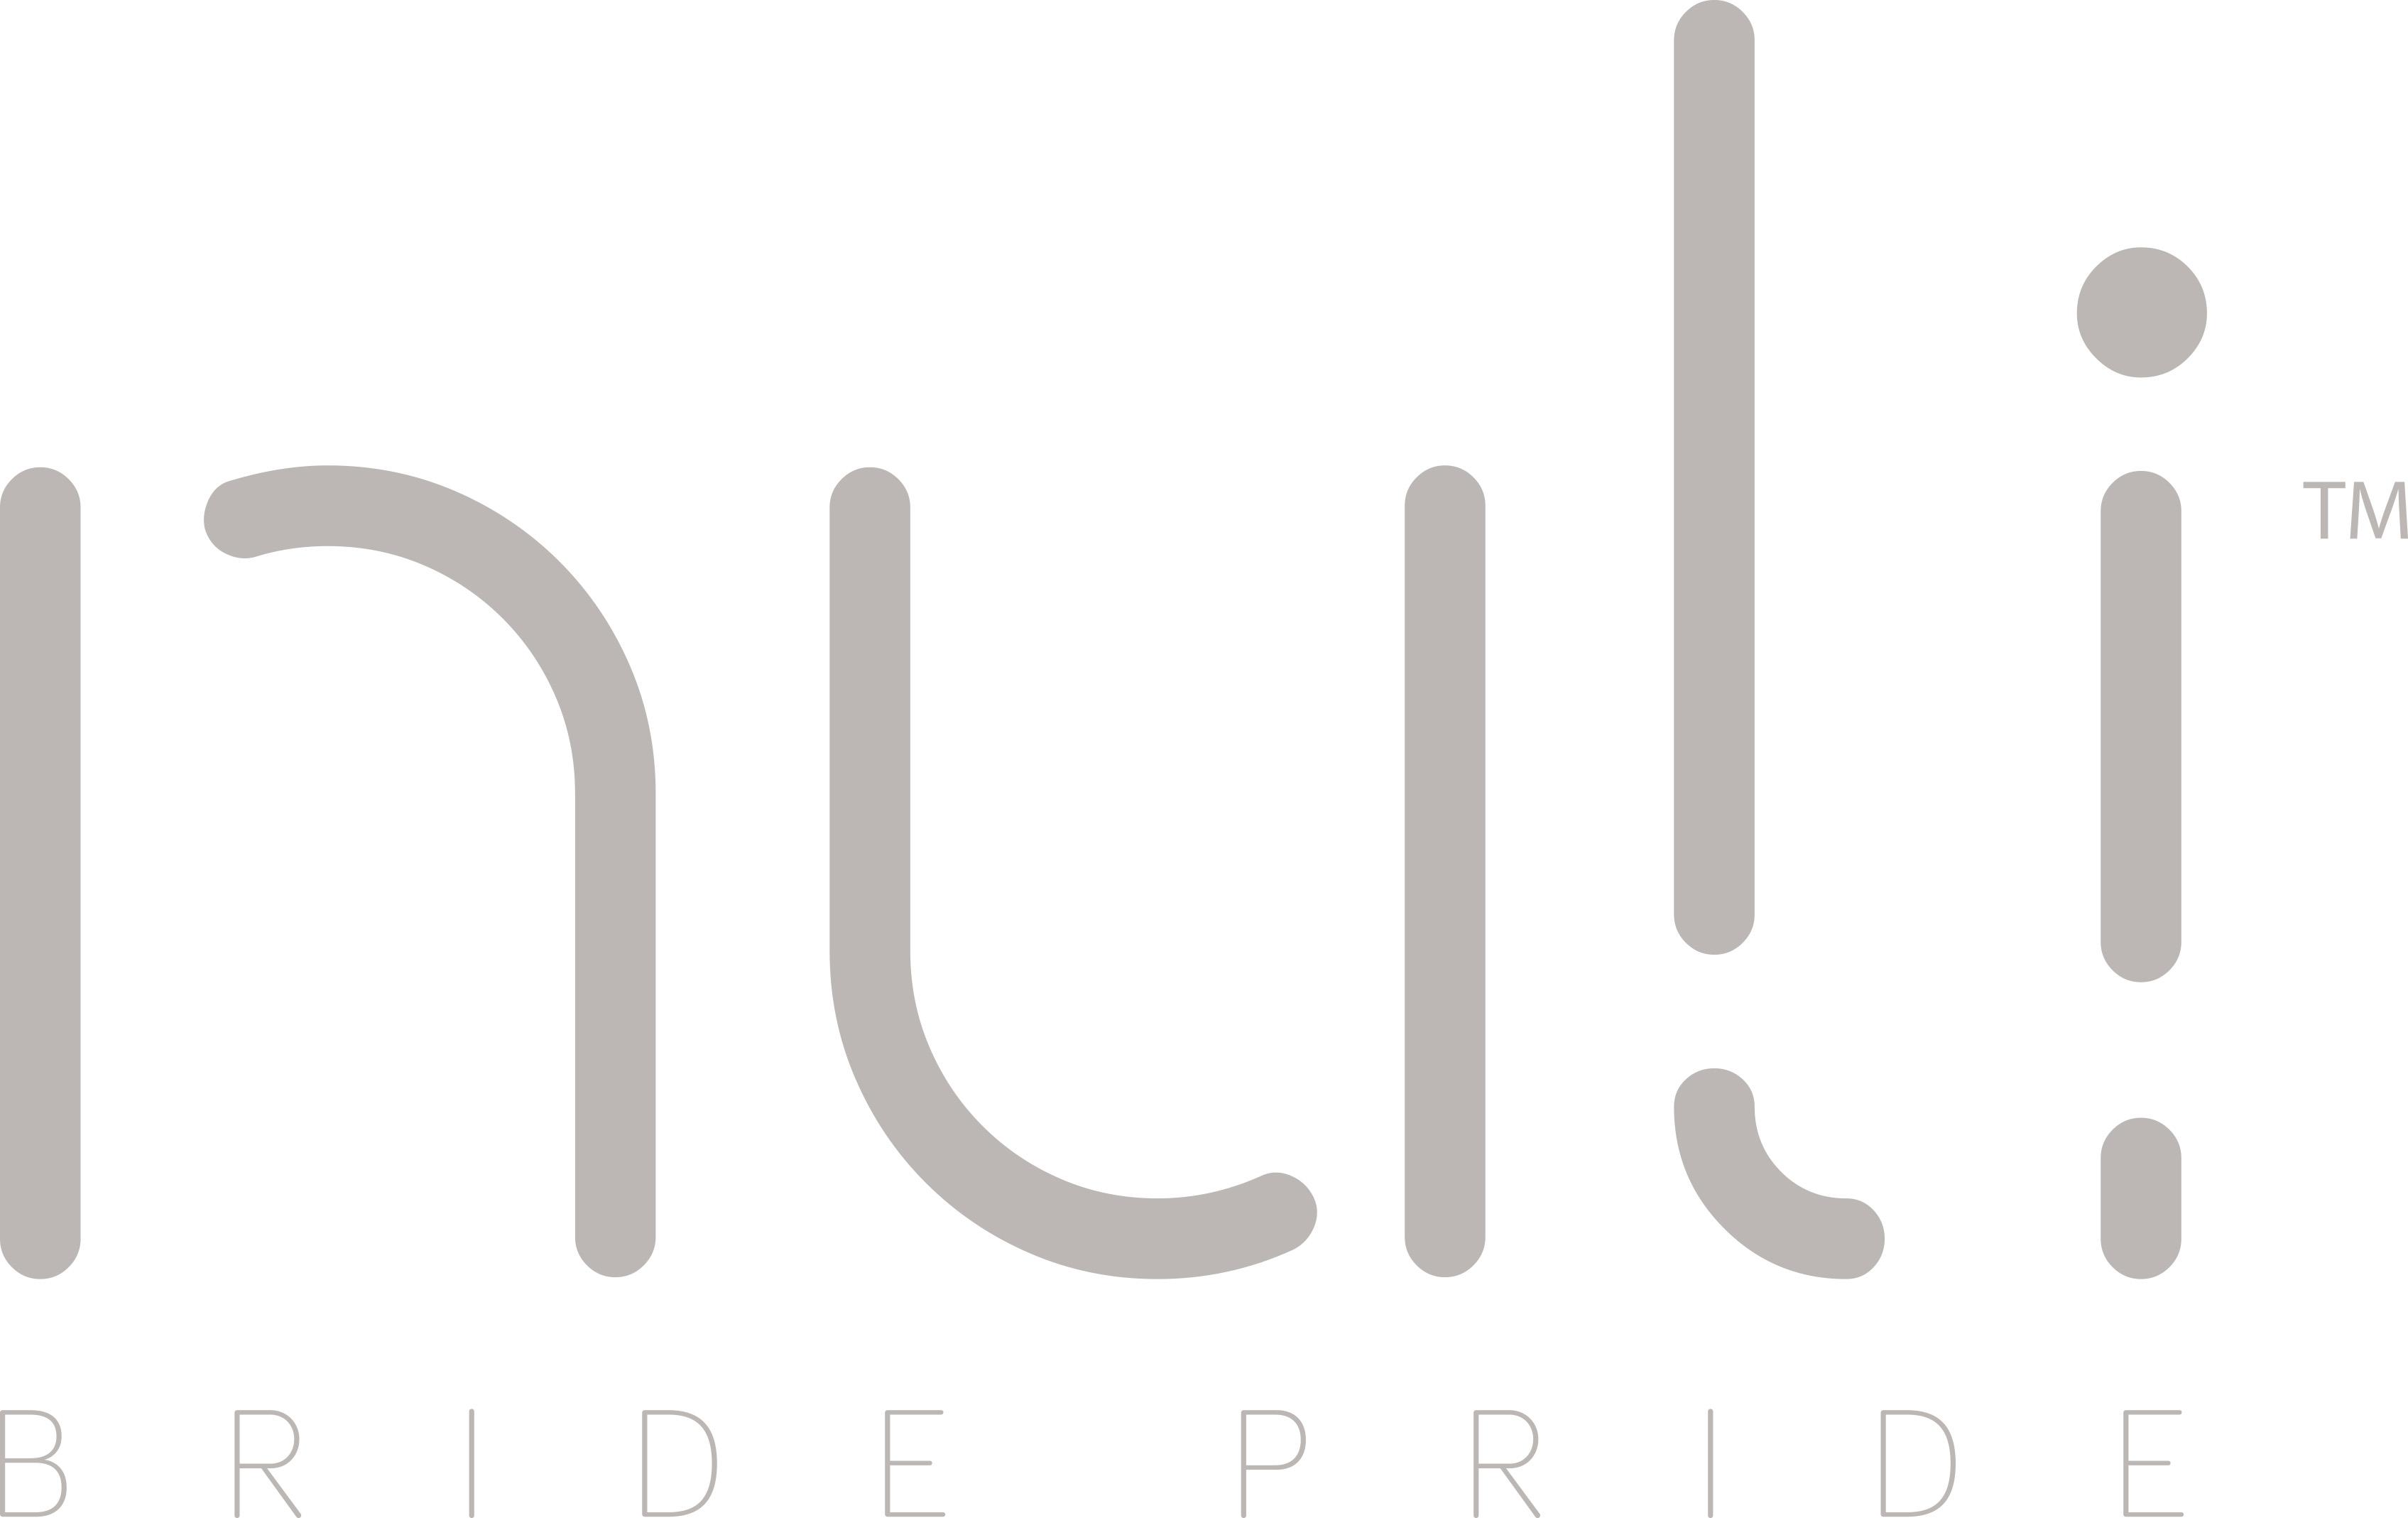 """b33d94725cf69 Największą inspiracją dla marki Nuli jest kobieta wierna sobie, niezależna,  z """"otwartą głową"""" i sercem. Jest pełna tajemnicy i seksapilu."""